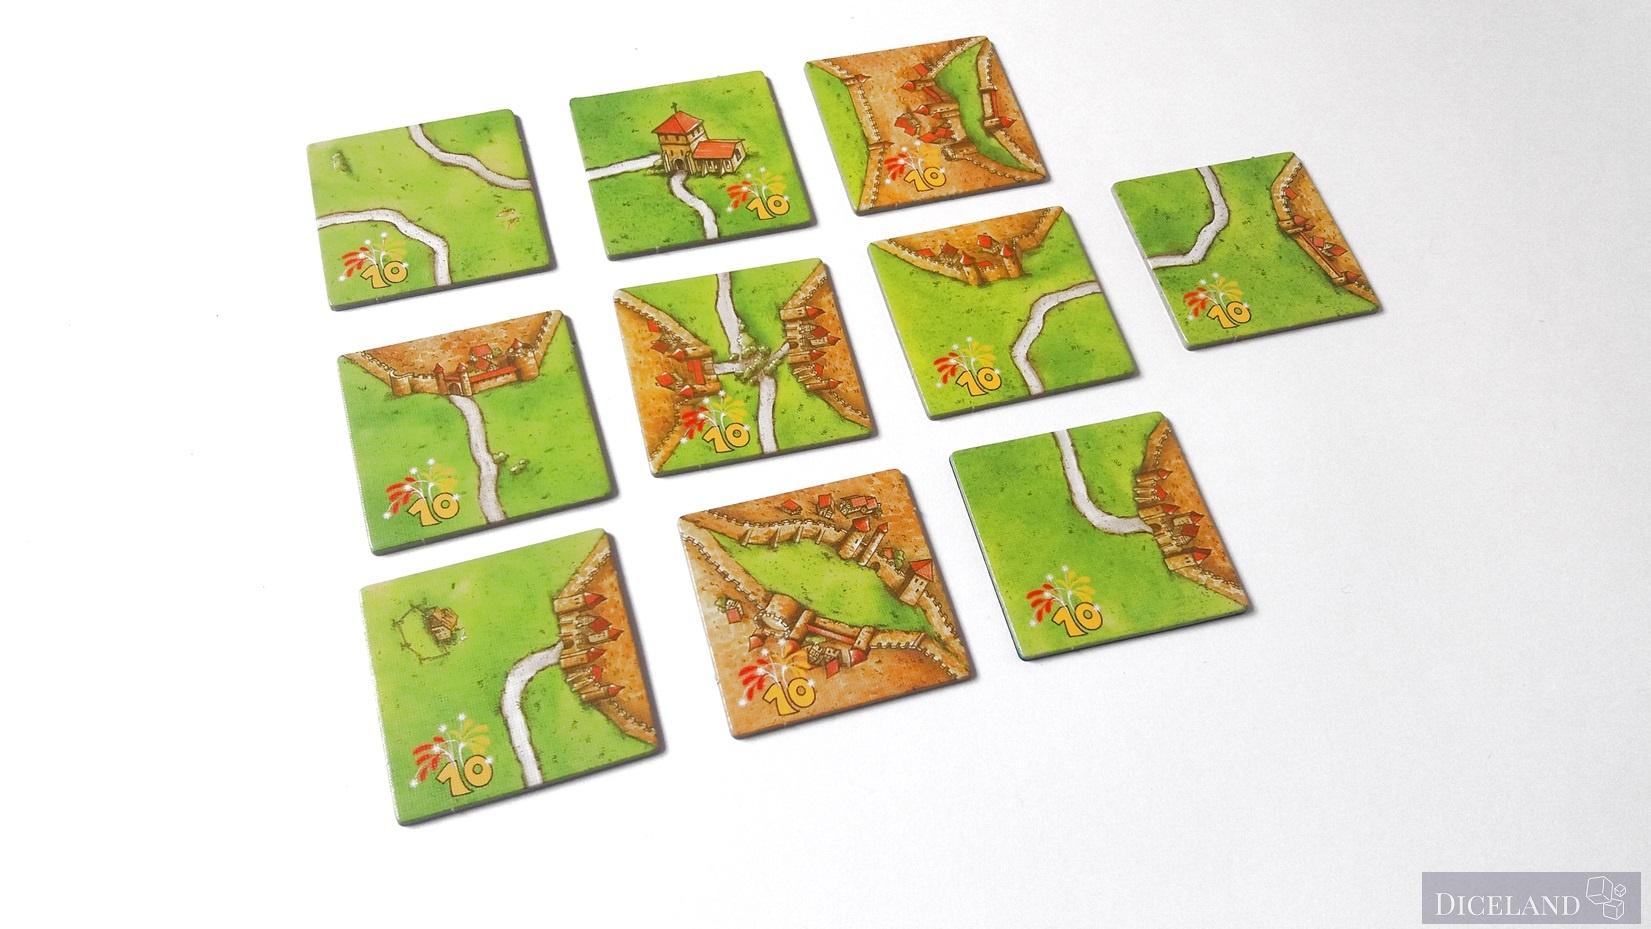 Carcassonne Edycja Jubileuszowa 15 Recenzja #1 Carcassonne   Edycja Jubileuszowa